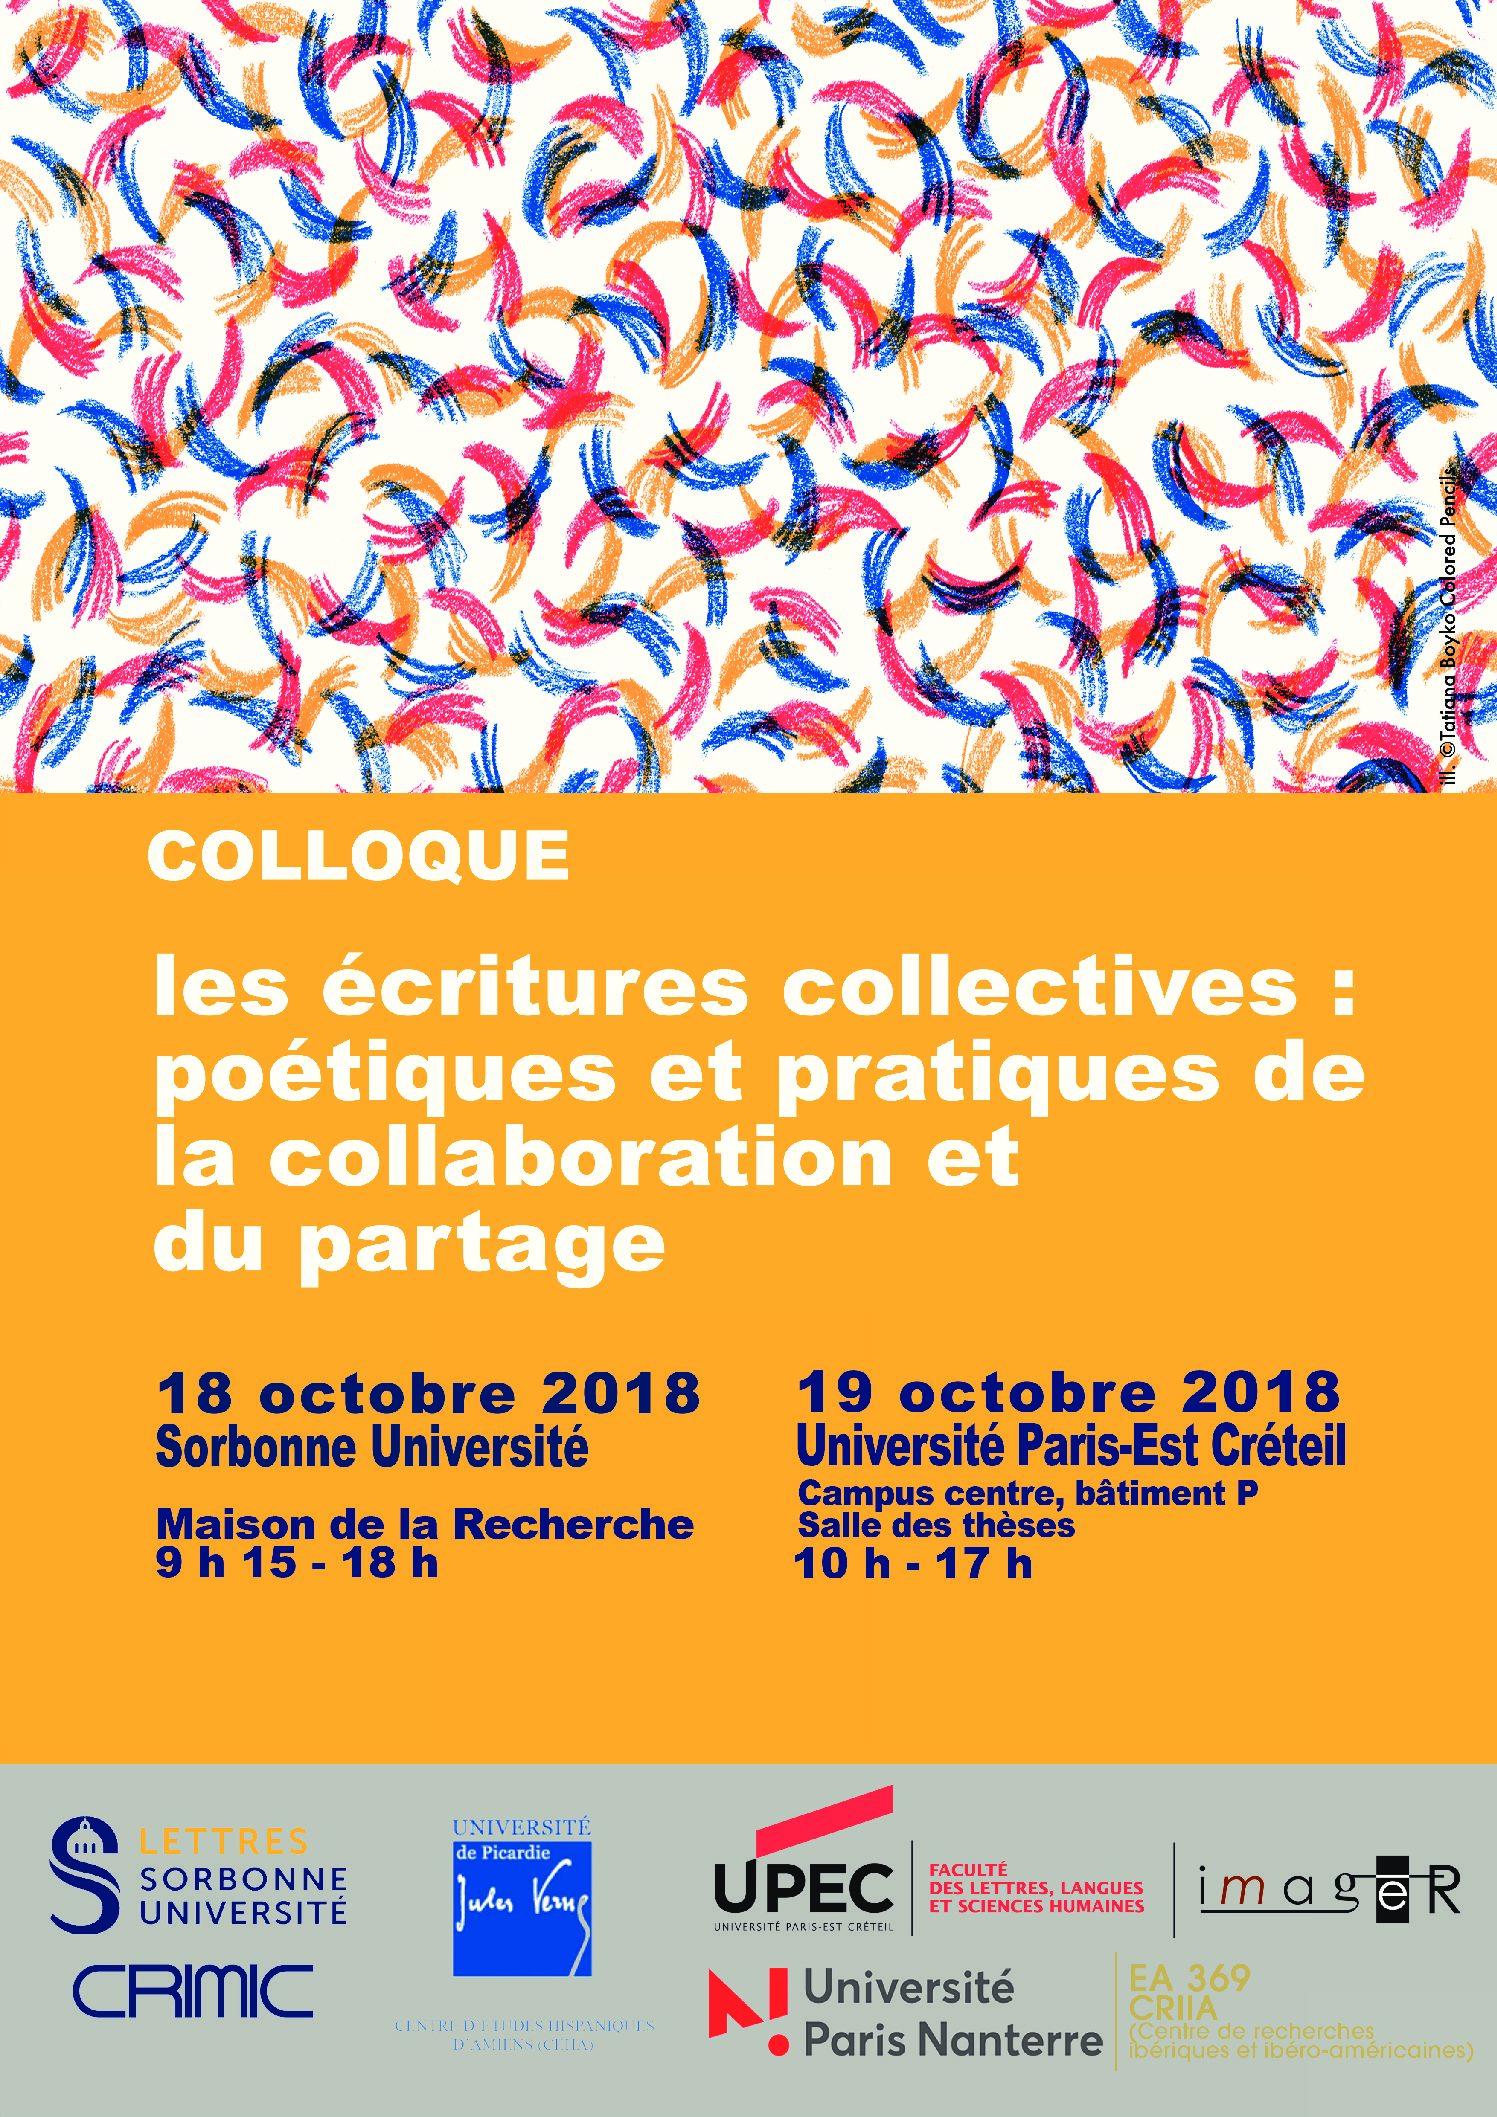 Les écritures collectives : poétiques et pratiques de la collaboration et du partage